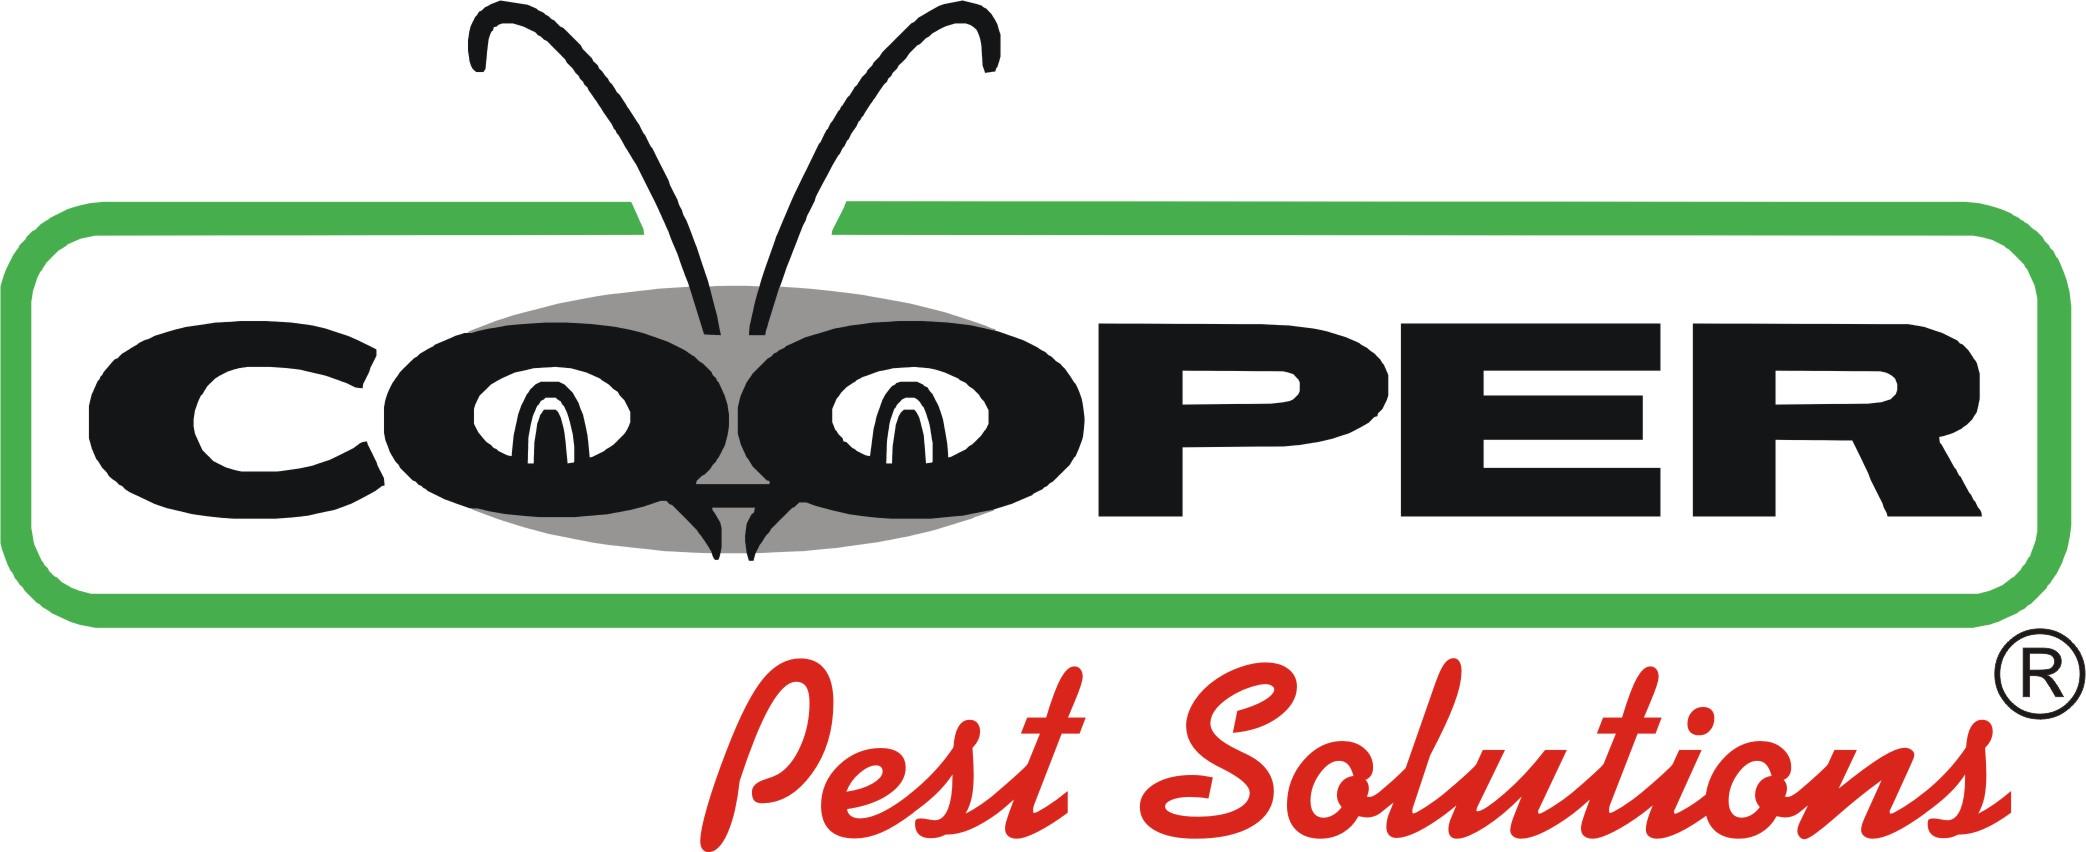 cooper pest solutions logo.jpg